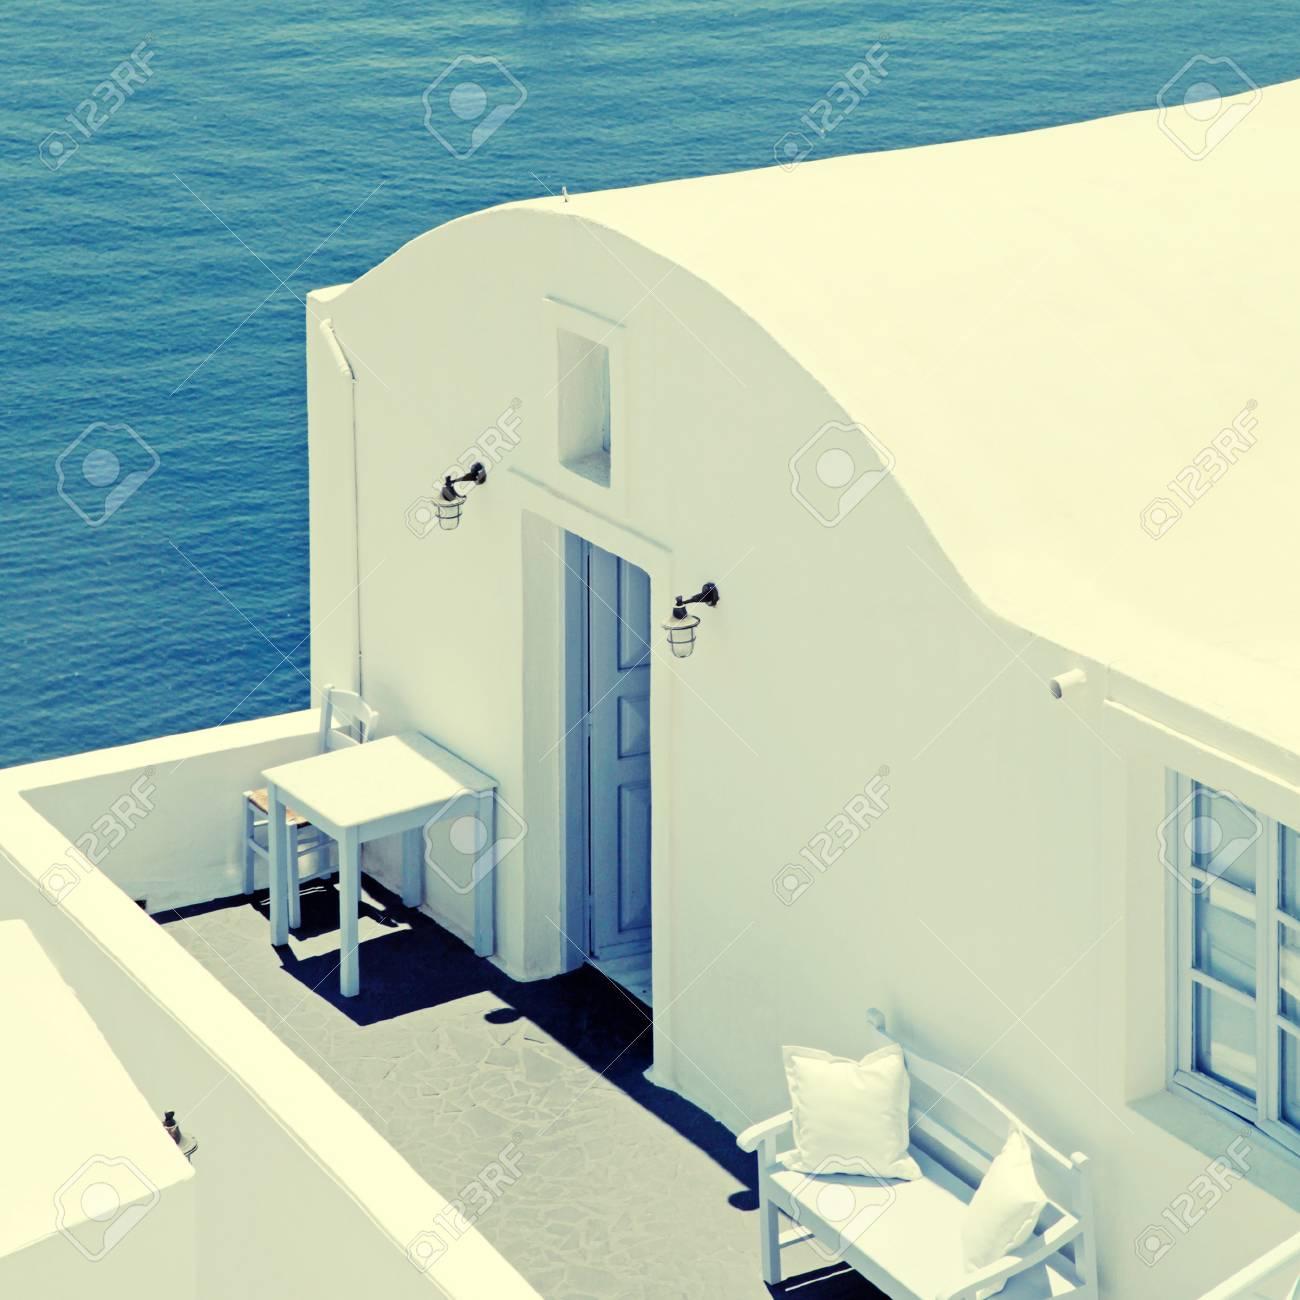 Traditionelle Weiße Haus- Und Seeansichtterrasse, Oia, Santorini ...